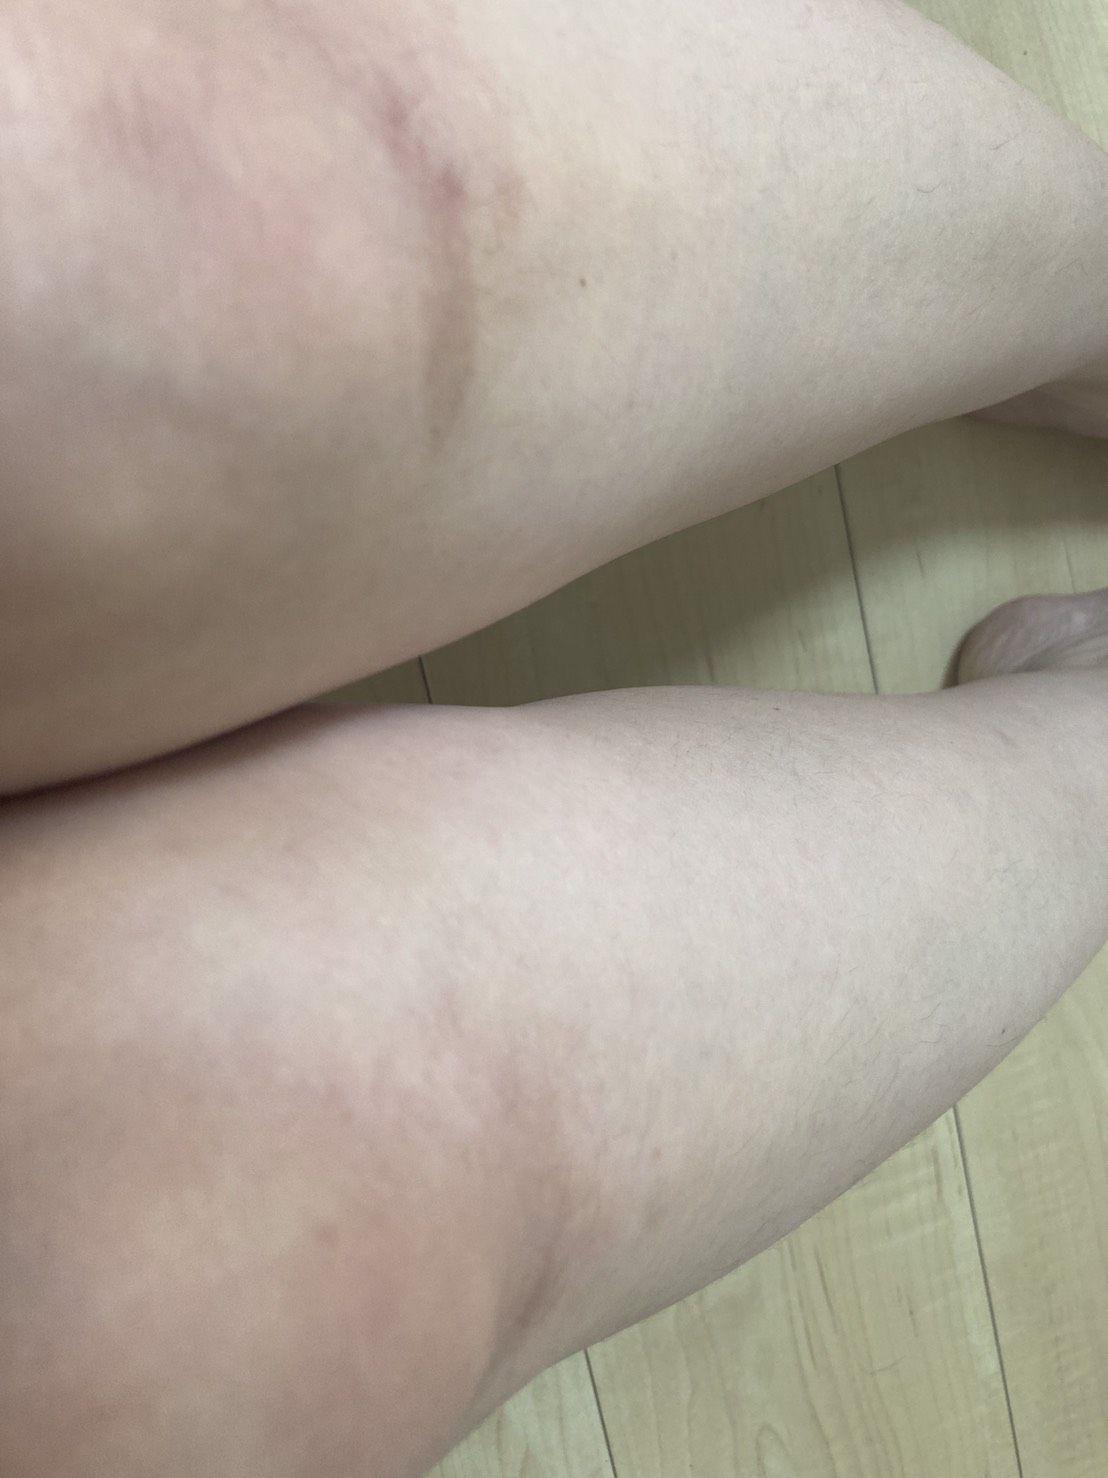 普通の女の子のスネ毛抜き-スマホ自撮り◎高橋みずき(29歳)保育士 サンプル画像02